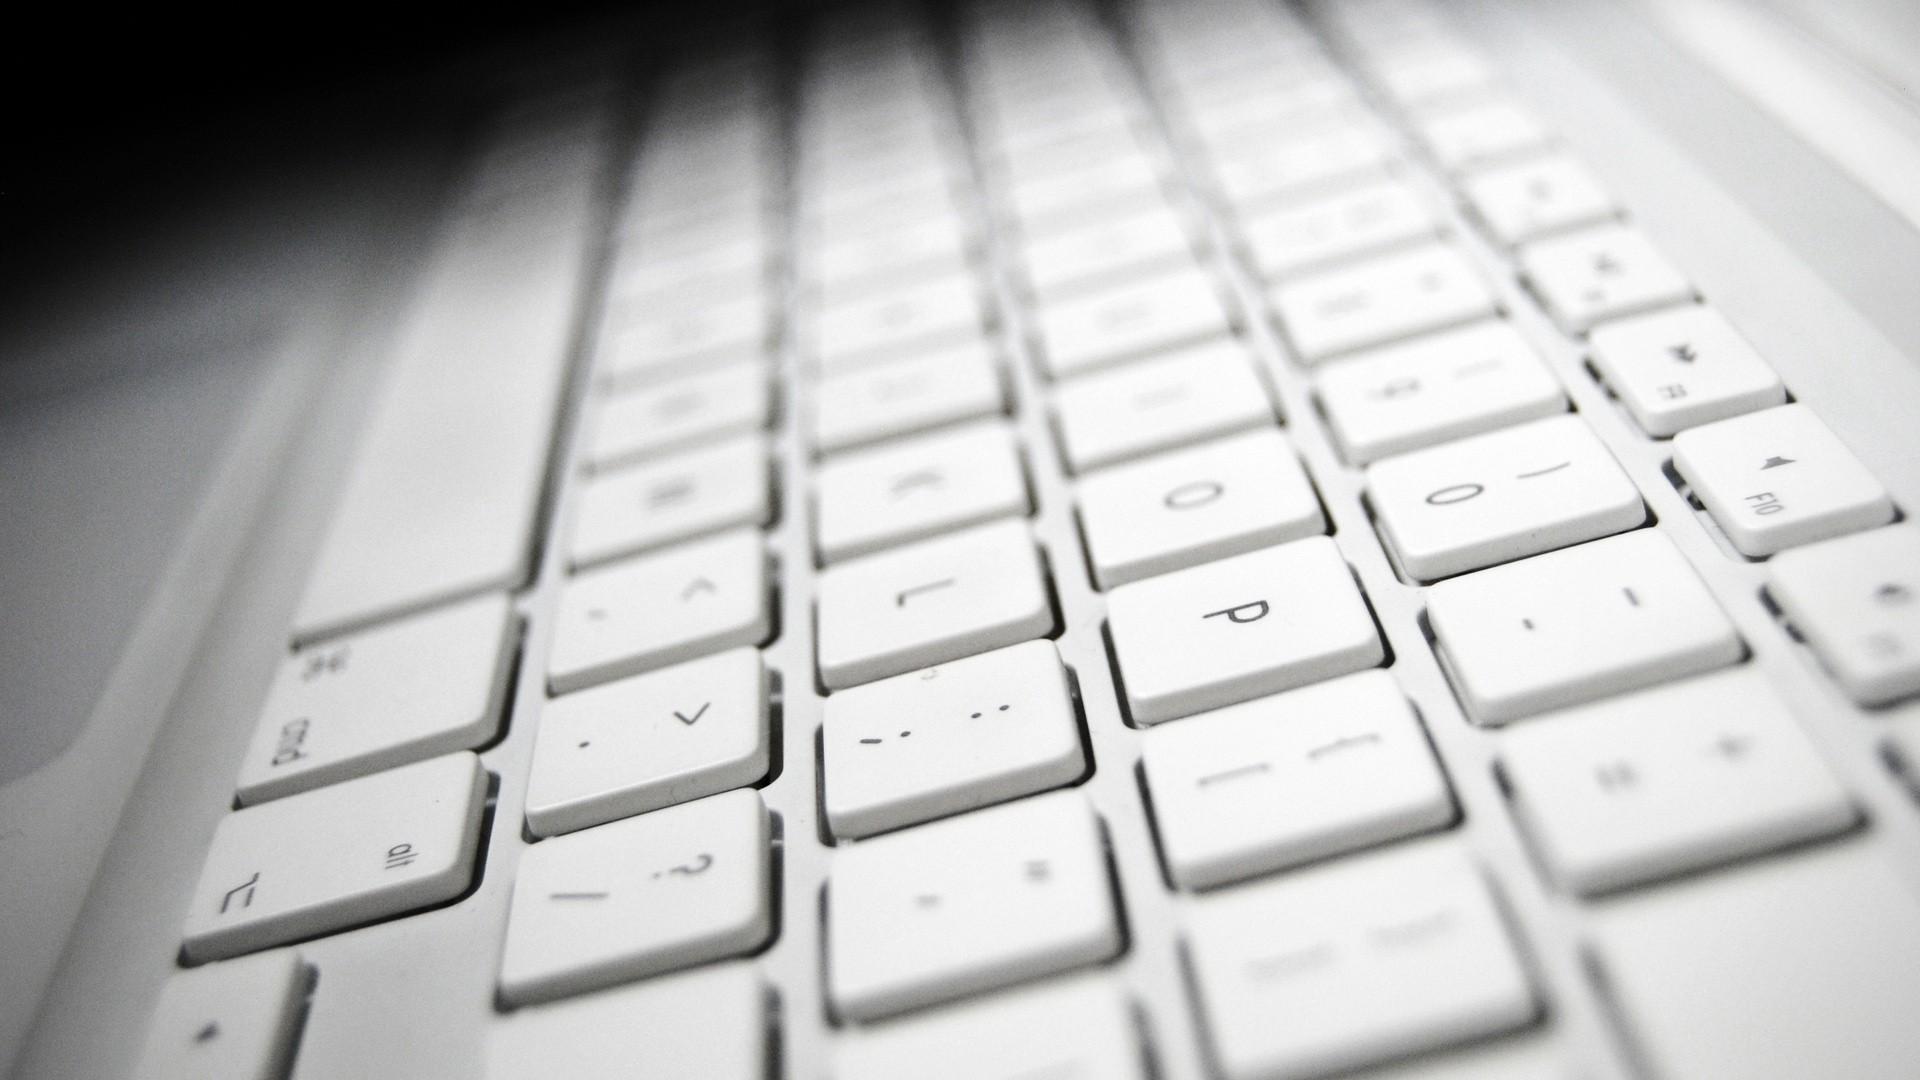 Keyboard Full HD Wallpaper